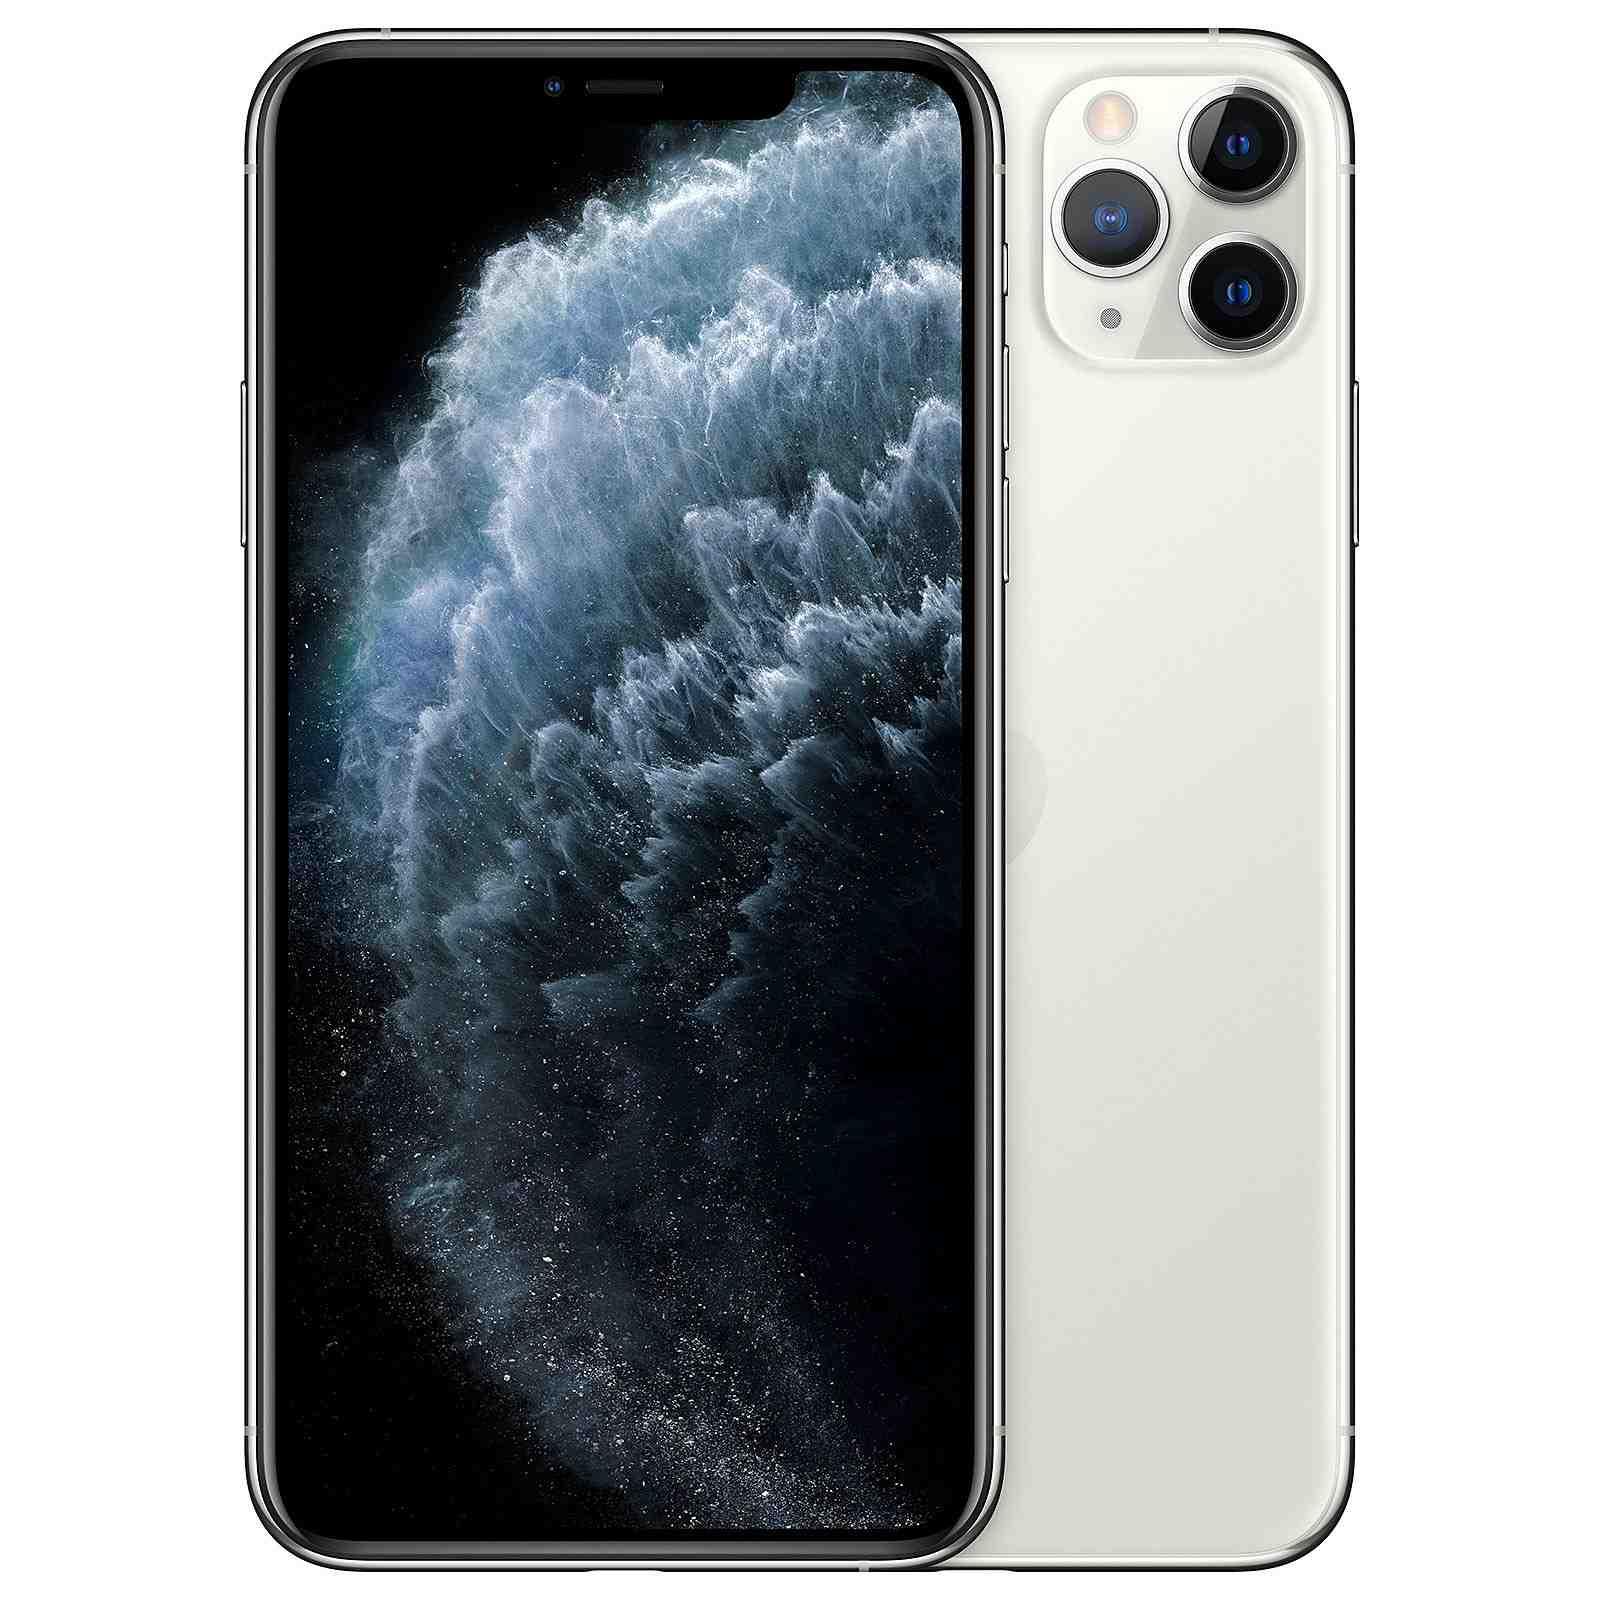 Mesures maximales de l'Iphone 11 pro